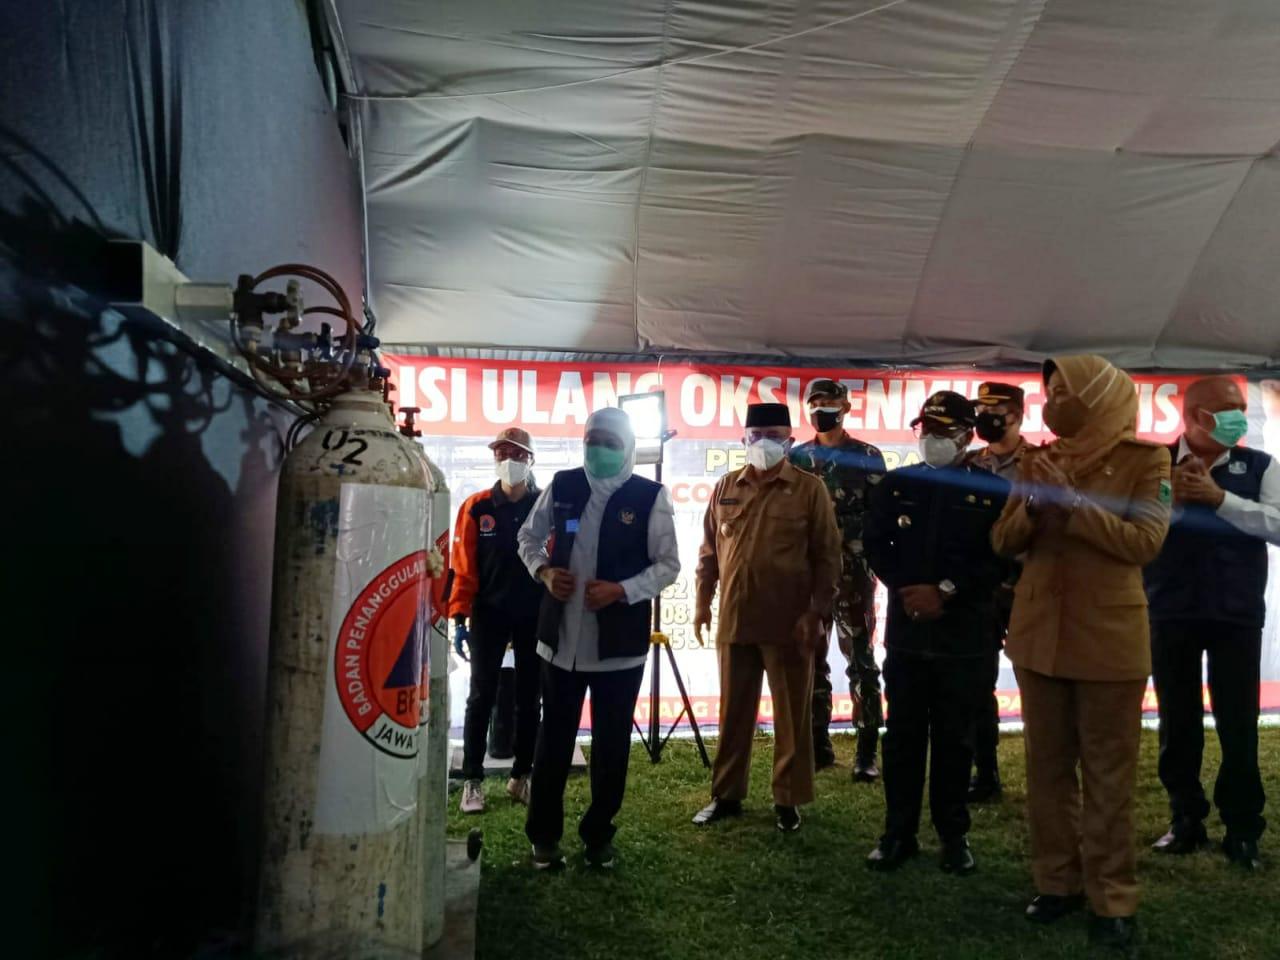 Gubernur Jatim Khofifah saat peresmian depo isi ulang oksigen gratis bersama 3 pimpinan daerah di Malang Raya, Senin (26/07/2021). (Foto:Istimewa/Tugu Jatim)